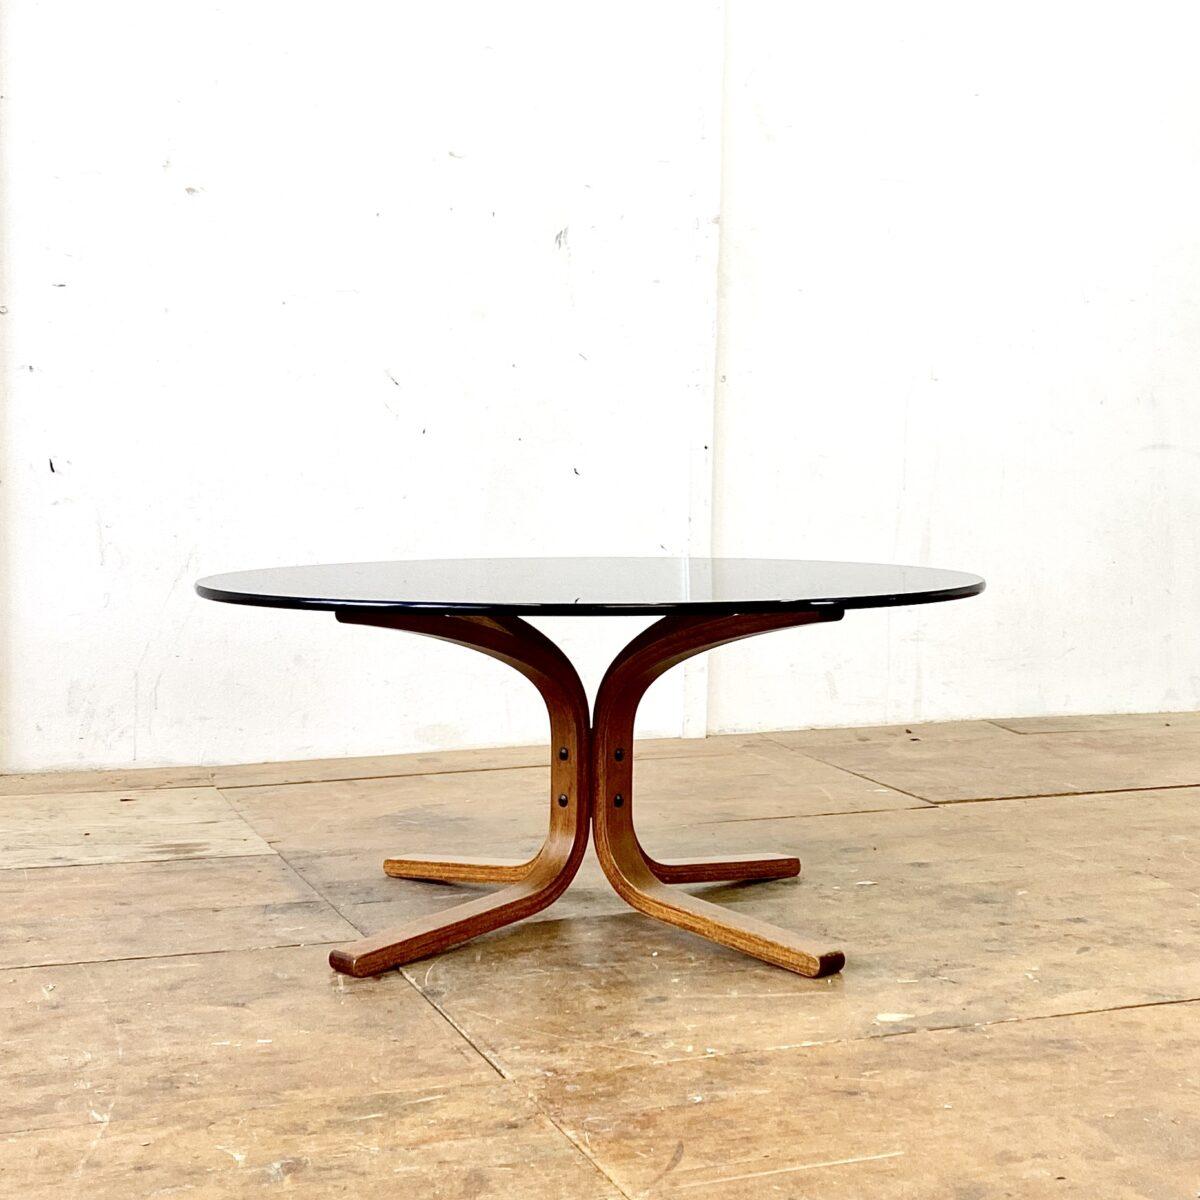 Deuxieme.shop skandinavien Glas Salontisch von Ingmar Relling für Westnofa aus den 60er Jahren. Durchmesser 90cm Höhe 40cm. Das Tischblatt aus schwarzem Rauchglas ist 12mm dick. Der Unterbau ist aus Buche Formsperrholz.